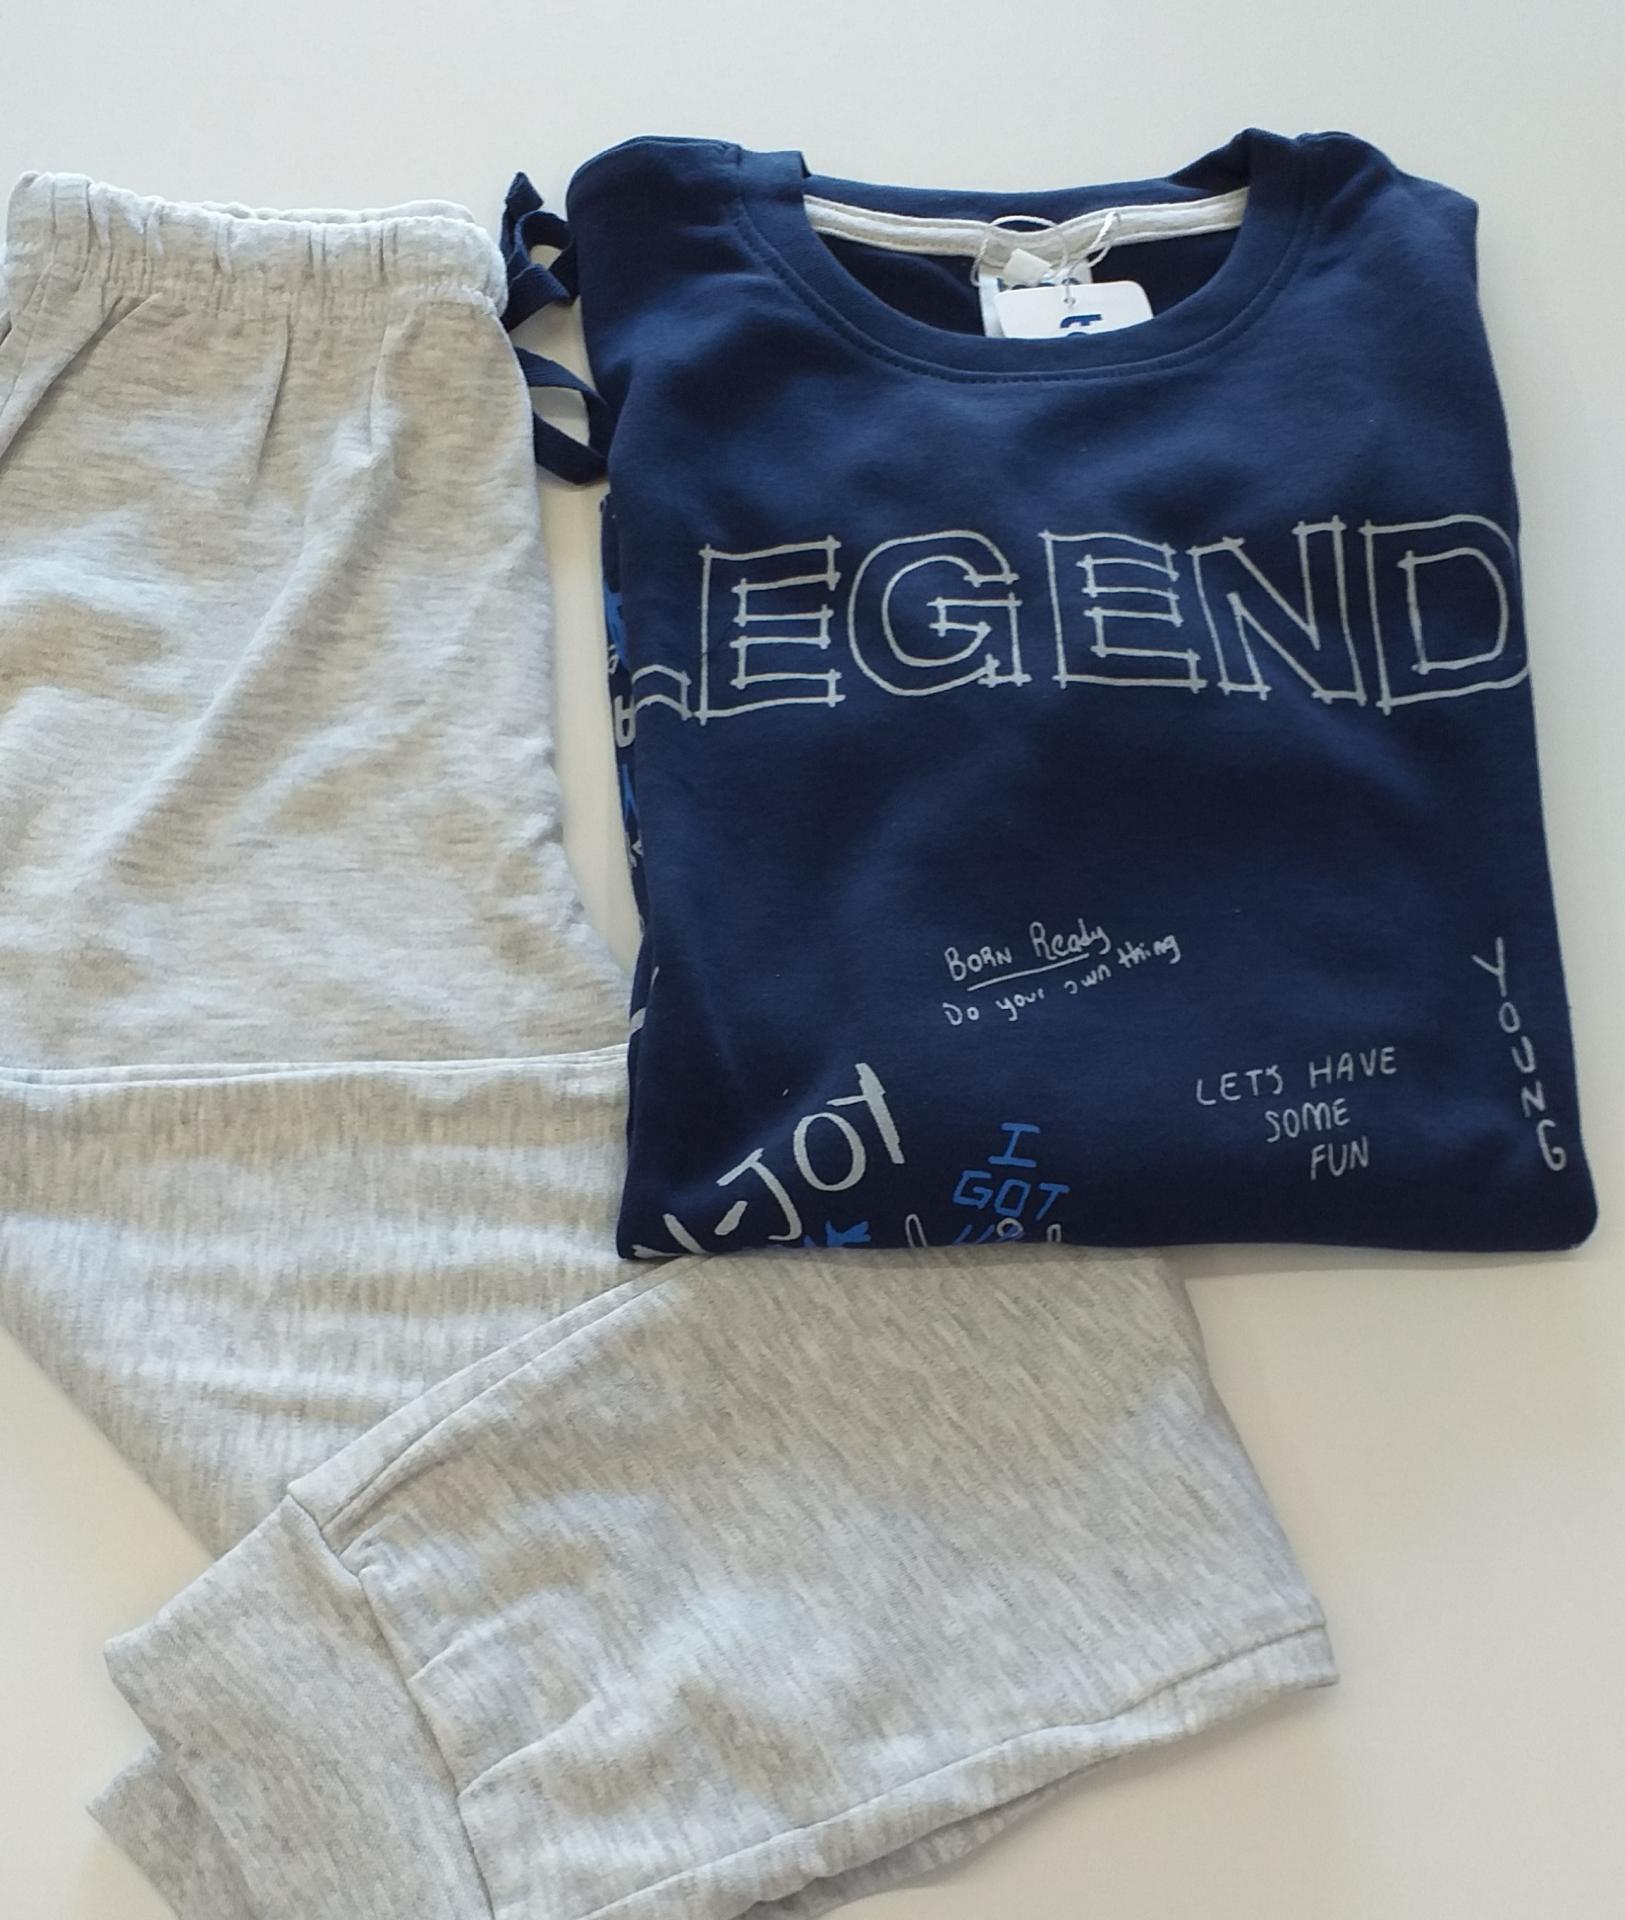 Pijama Legend